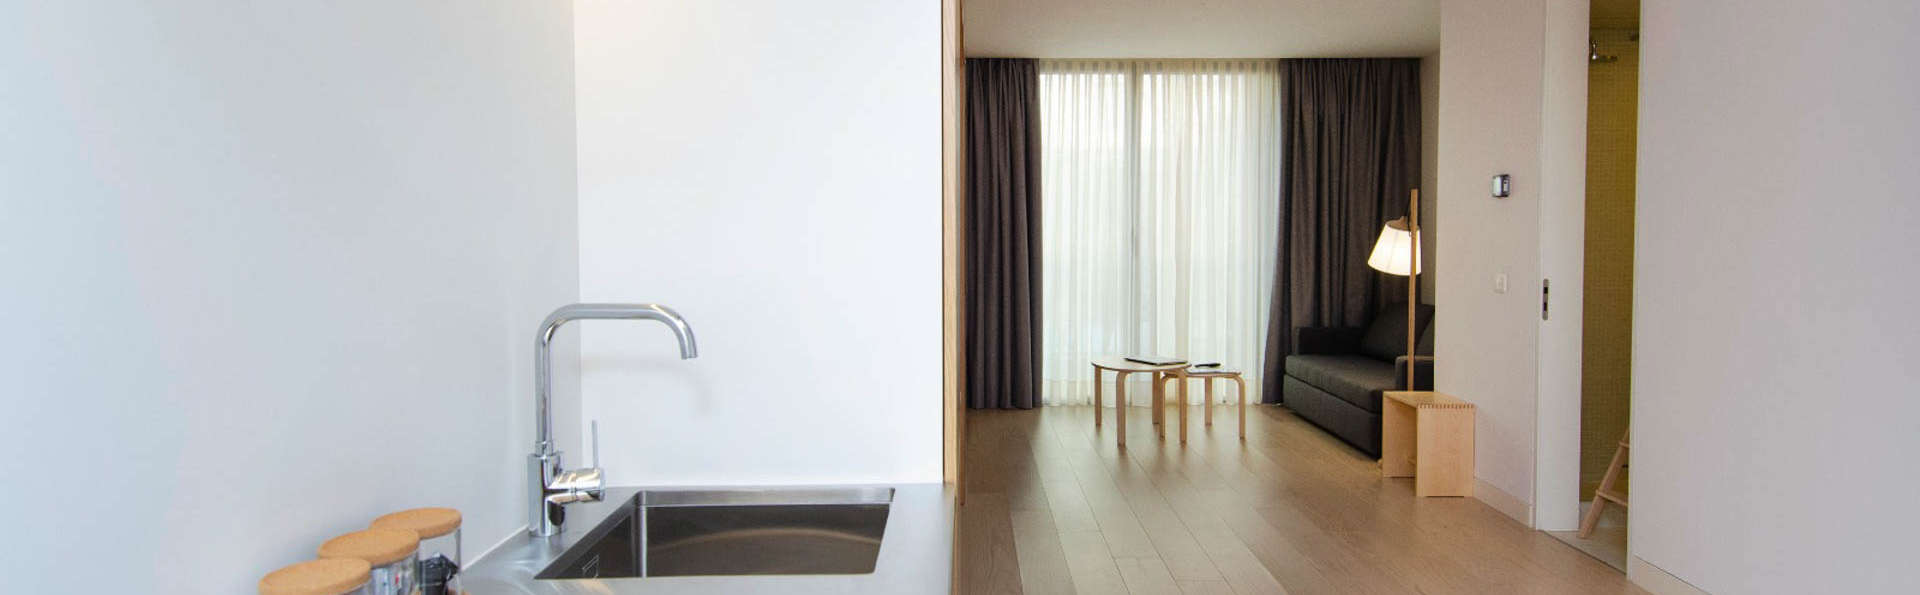 Apartamento dúplex de lujo en pleno corazón de madrid para 6 adultos